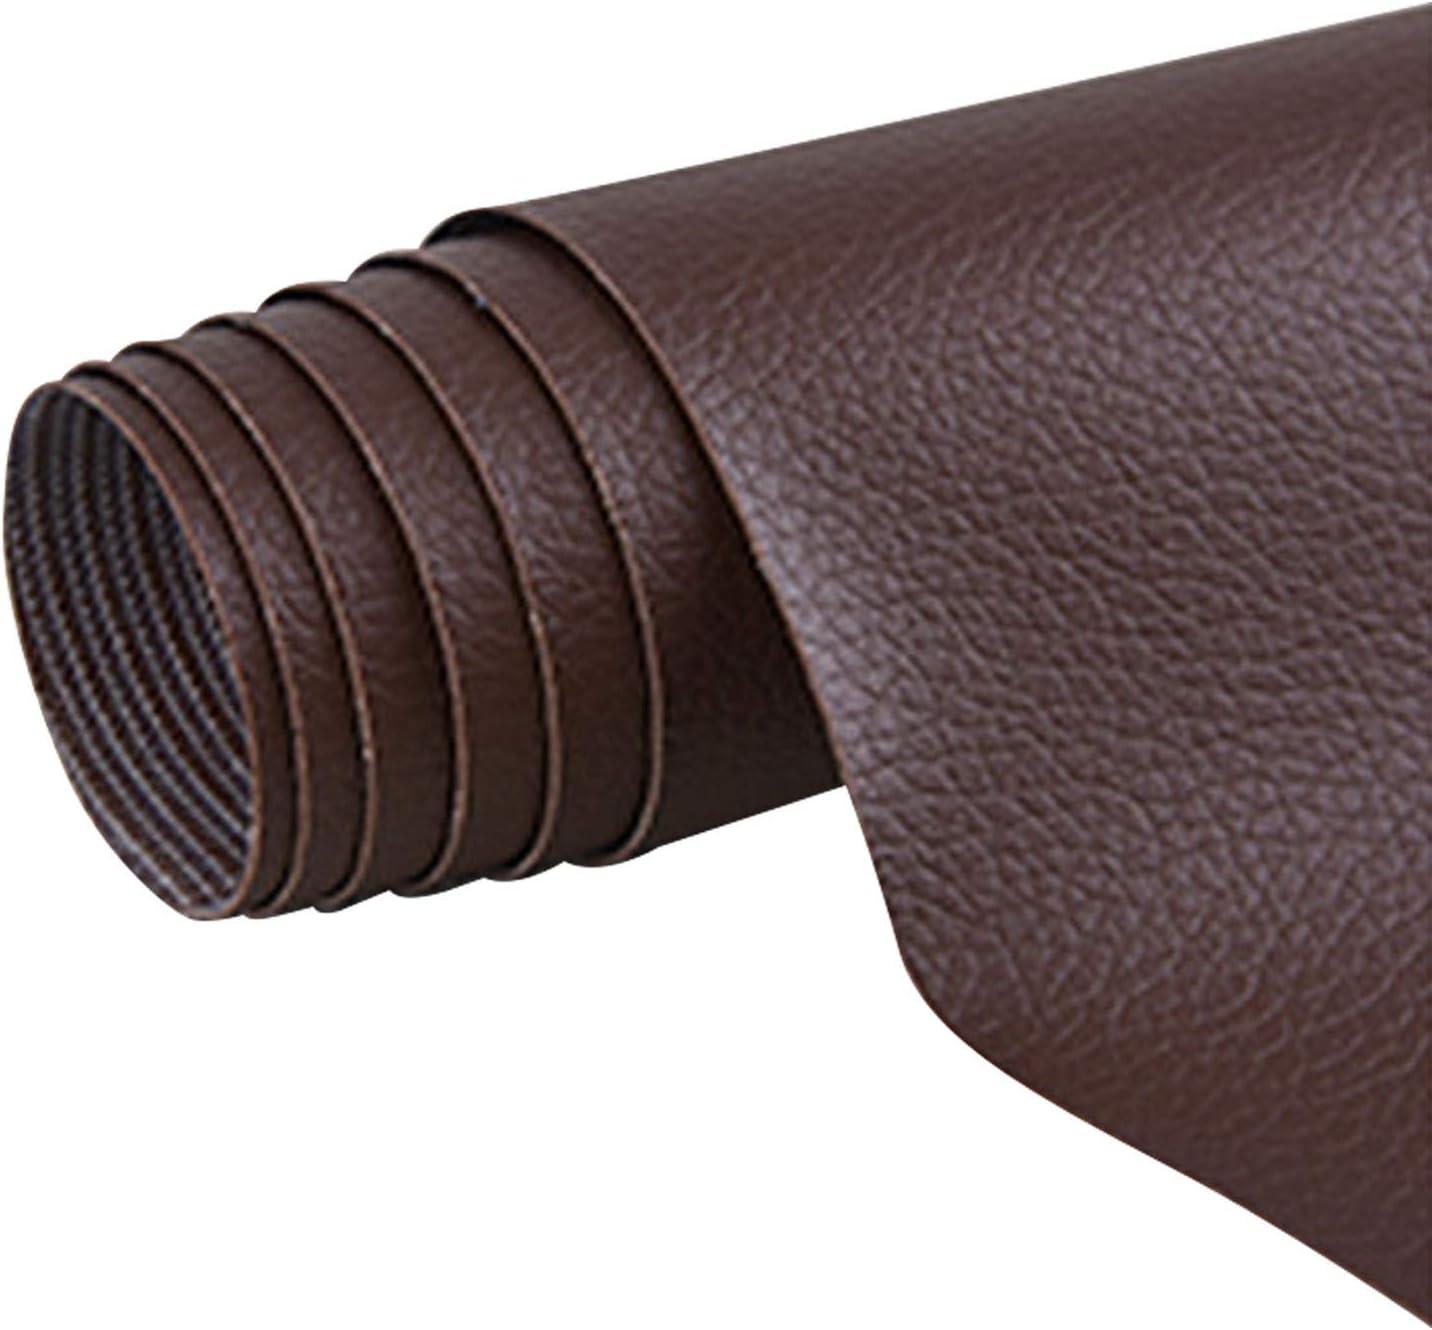 1 rollo autoadhesivo de cuero de la PU parche kit de reparación de primeros auxilios para sofá asiento de coche muebles chaquetas bolso 42 x 137cm